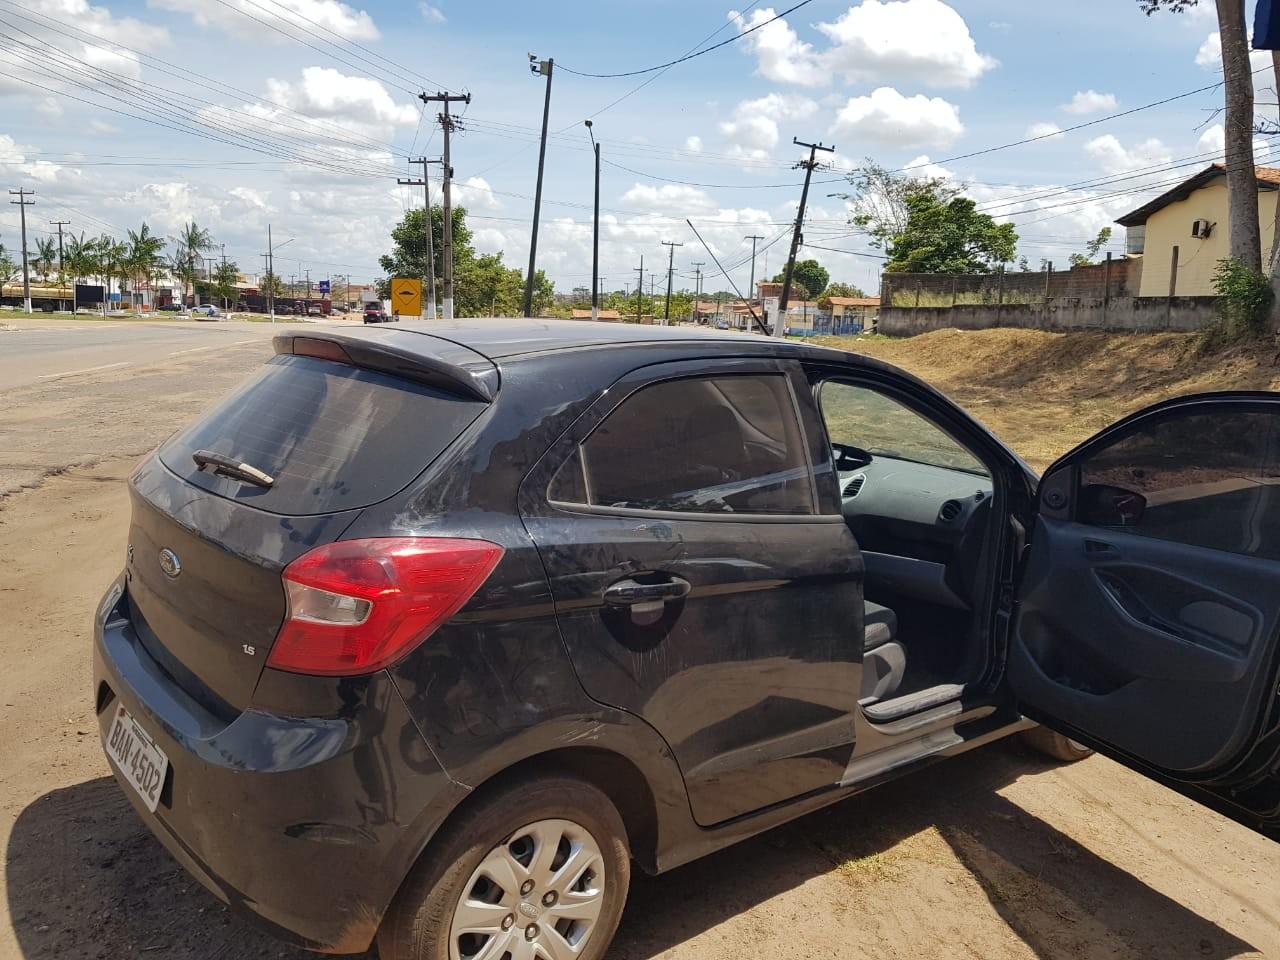 PRF apreende veículo com apropriação indébita na BR-316 no MA - Notícias - Plantão Diário